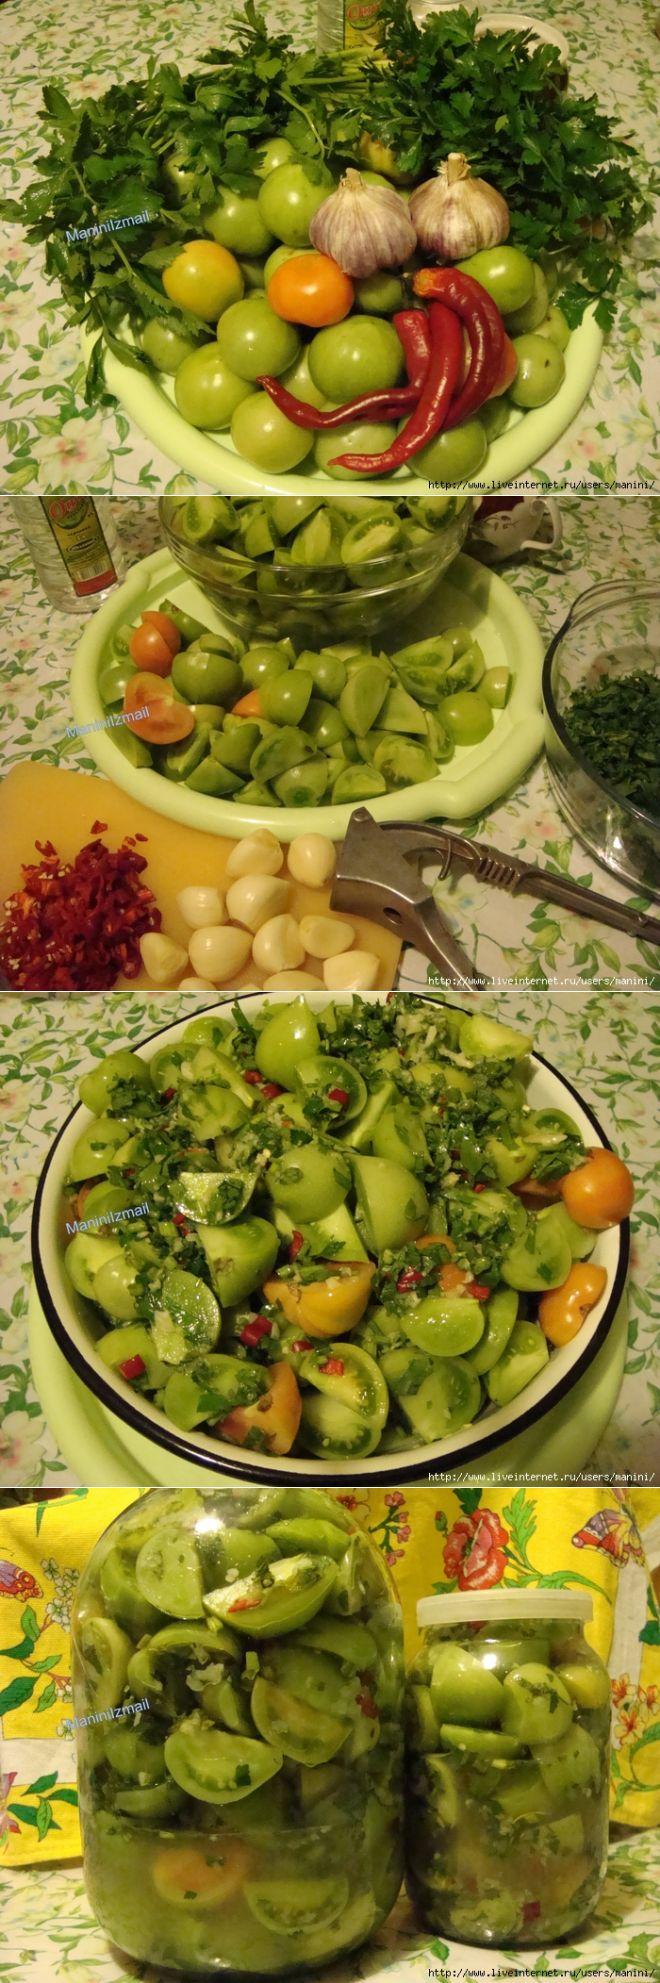 рецепт варенье из зелёных помидоров на зиму - быстрые в приготовлении и очень вкусные фото 1